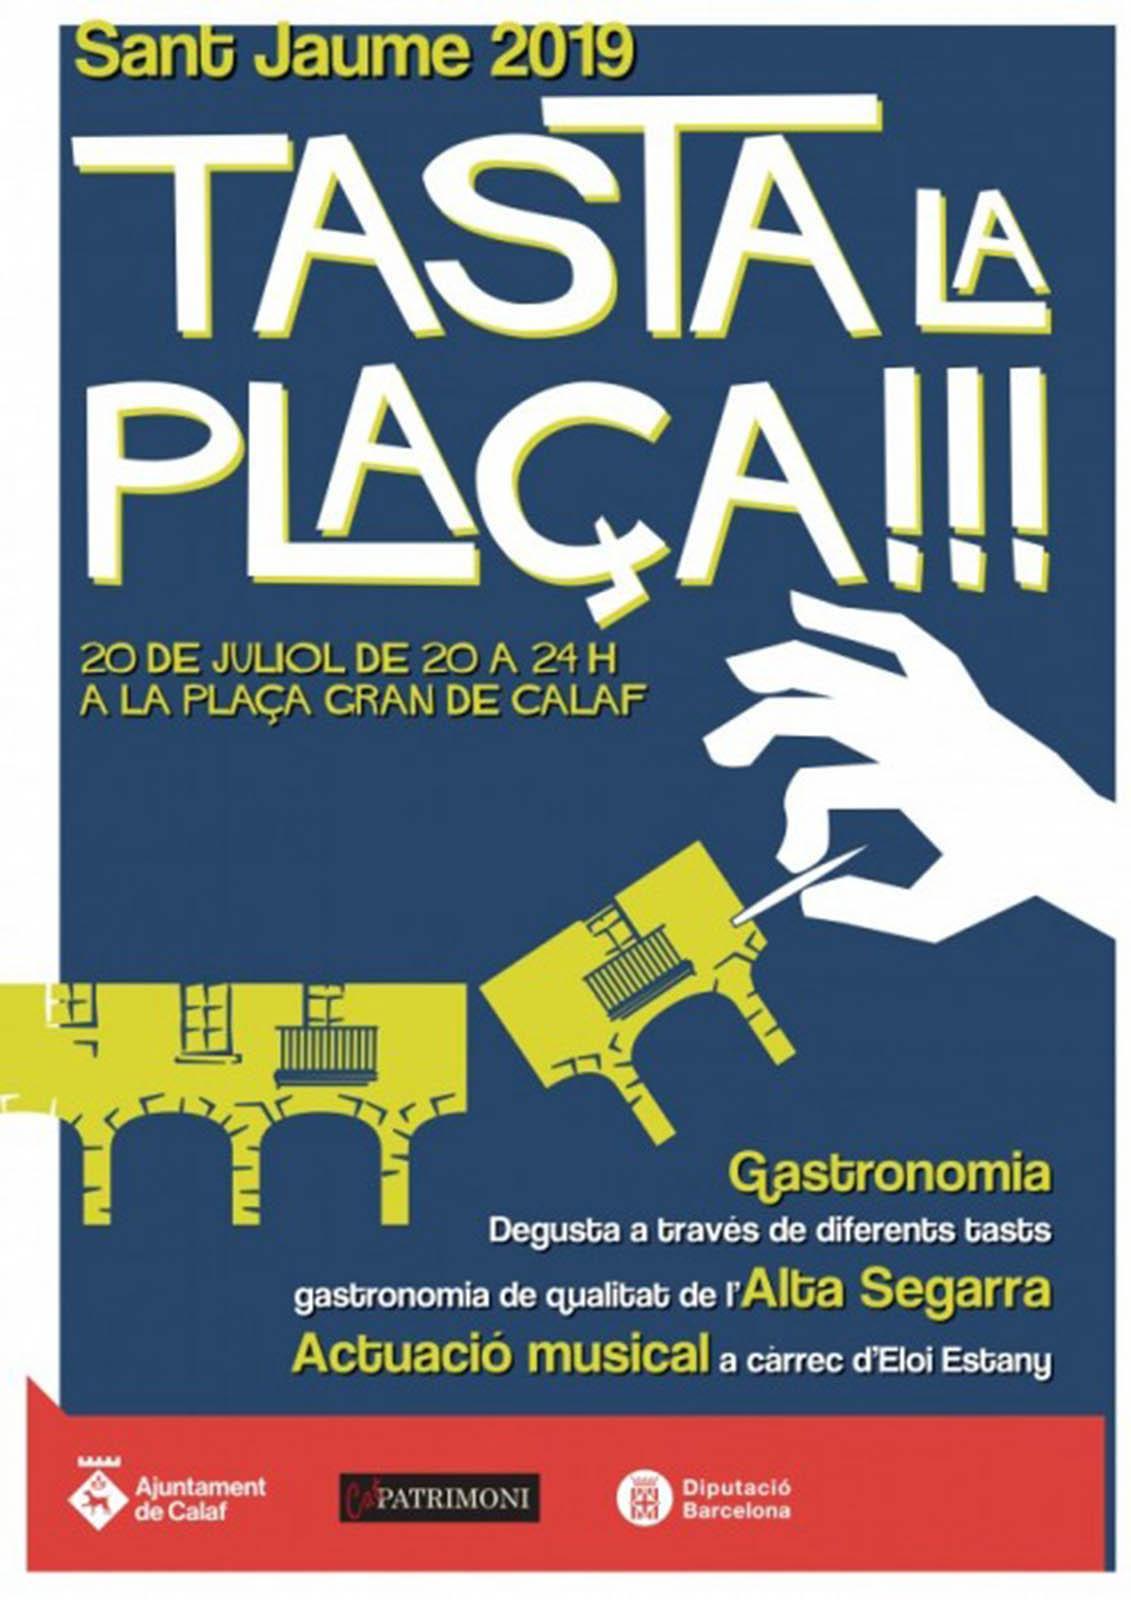 V Tasta la plaça Calaf